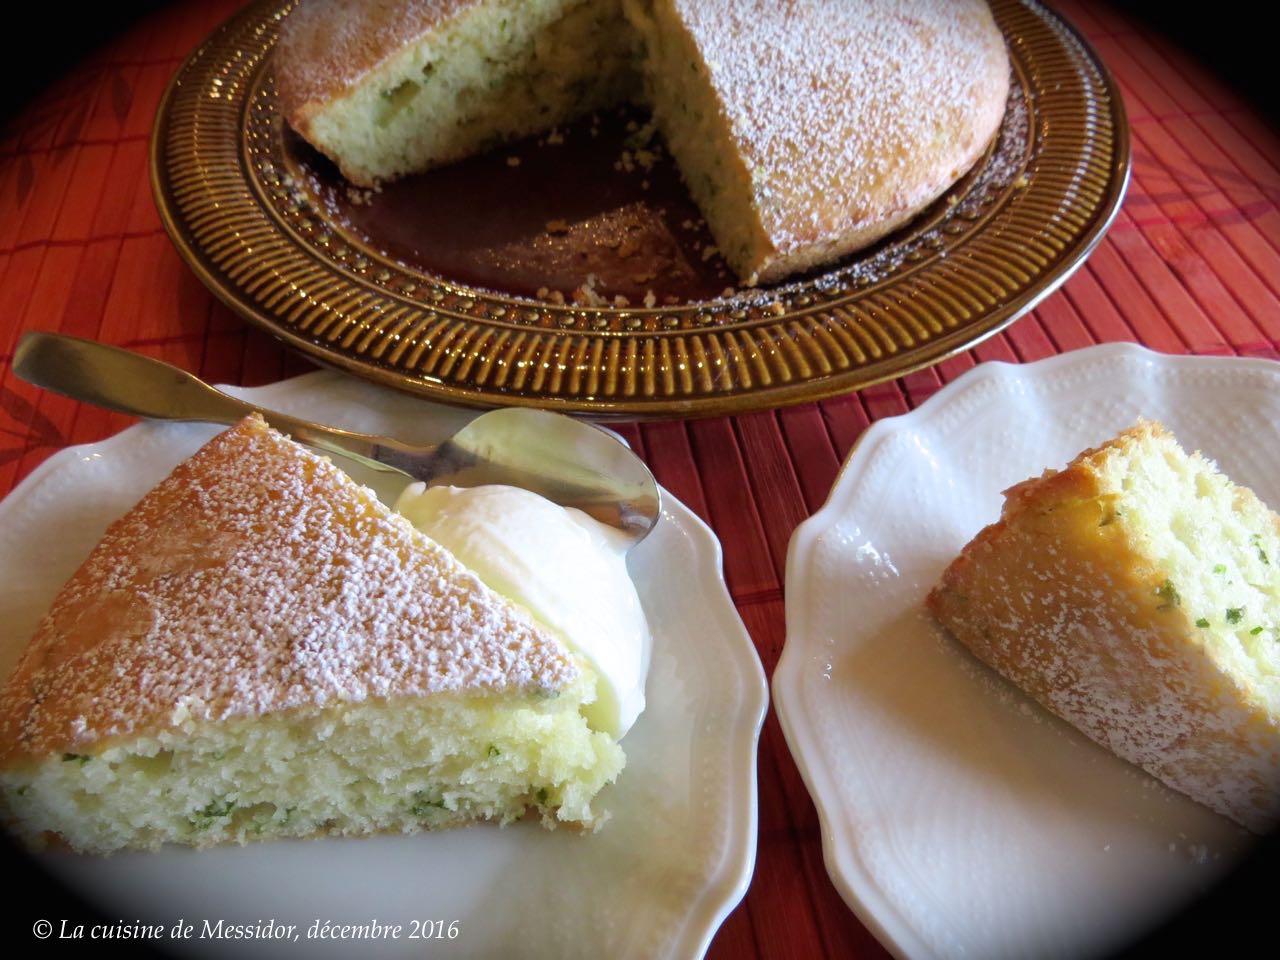 La cuisine de messidor petit g teau l huile et au citron - Gateau a l huile ...